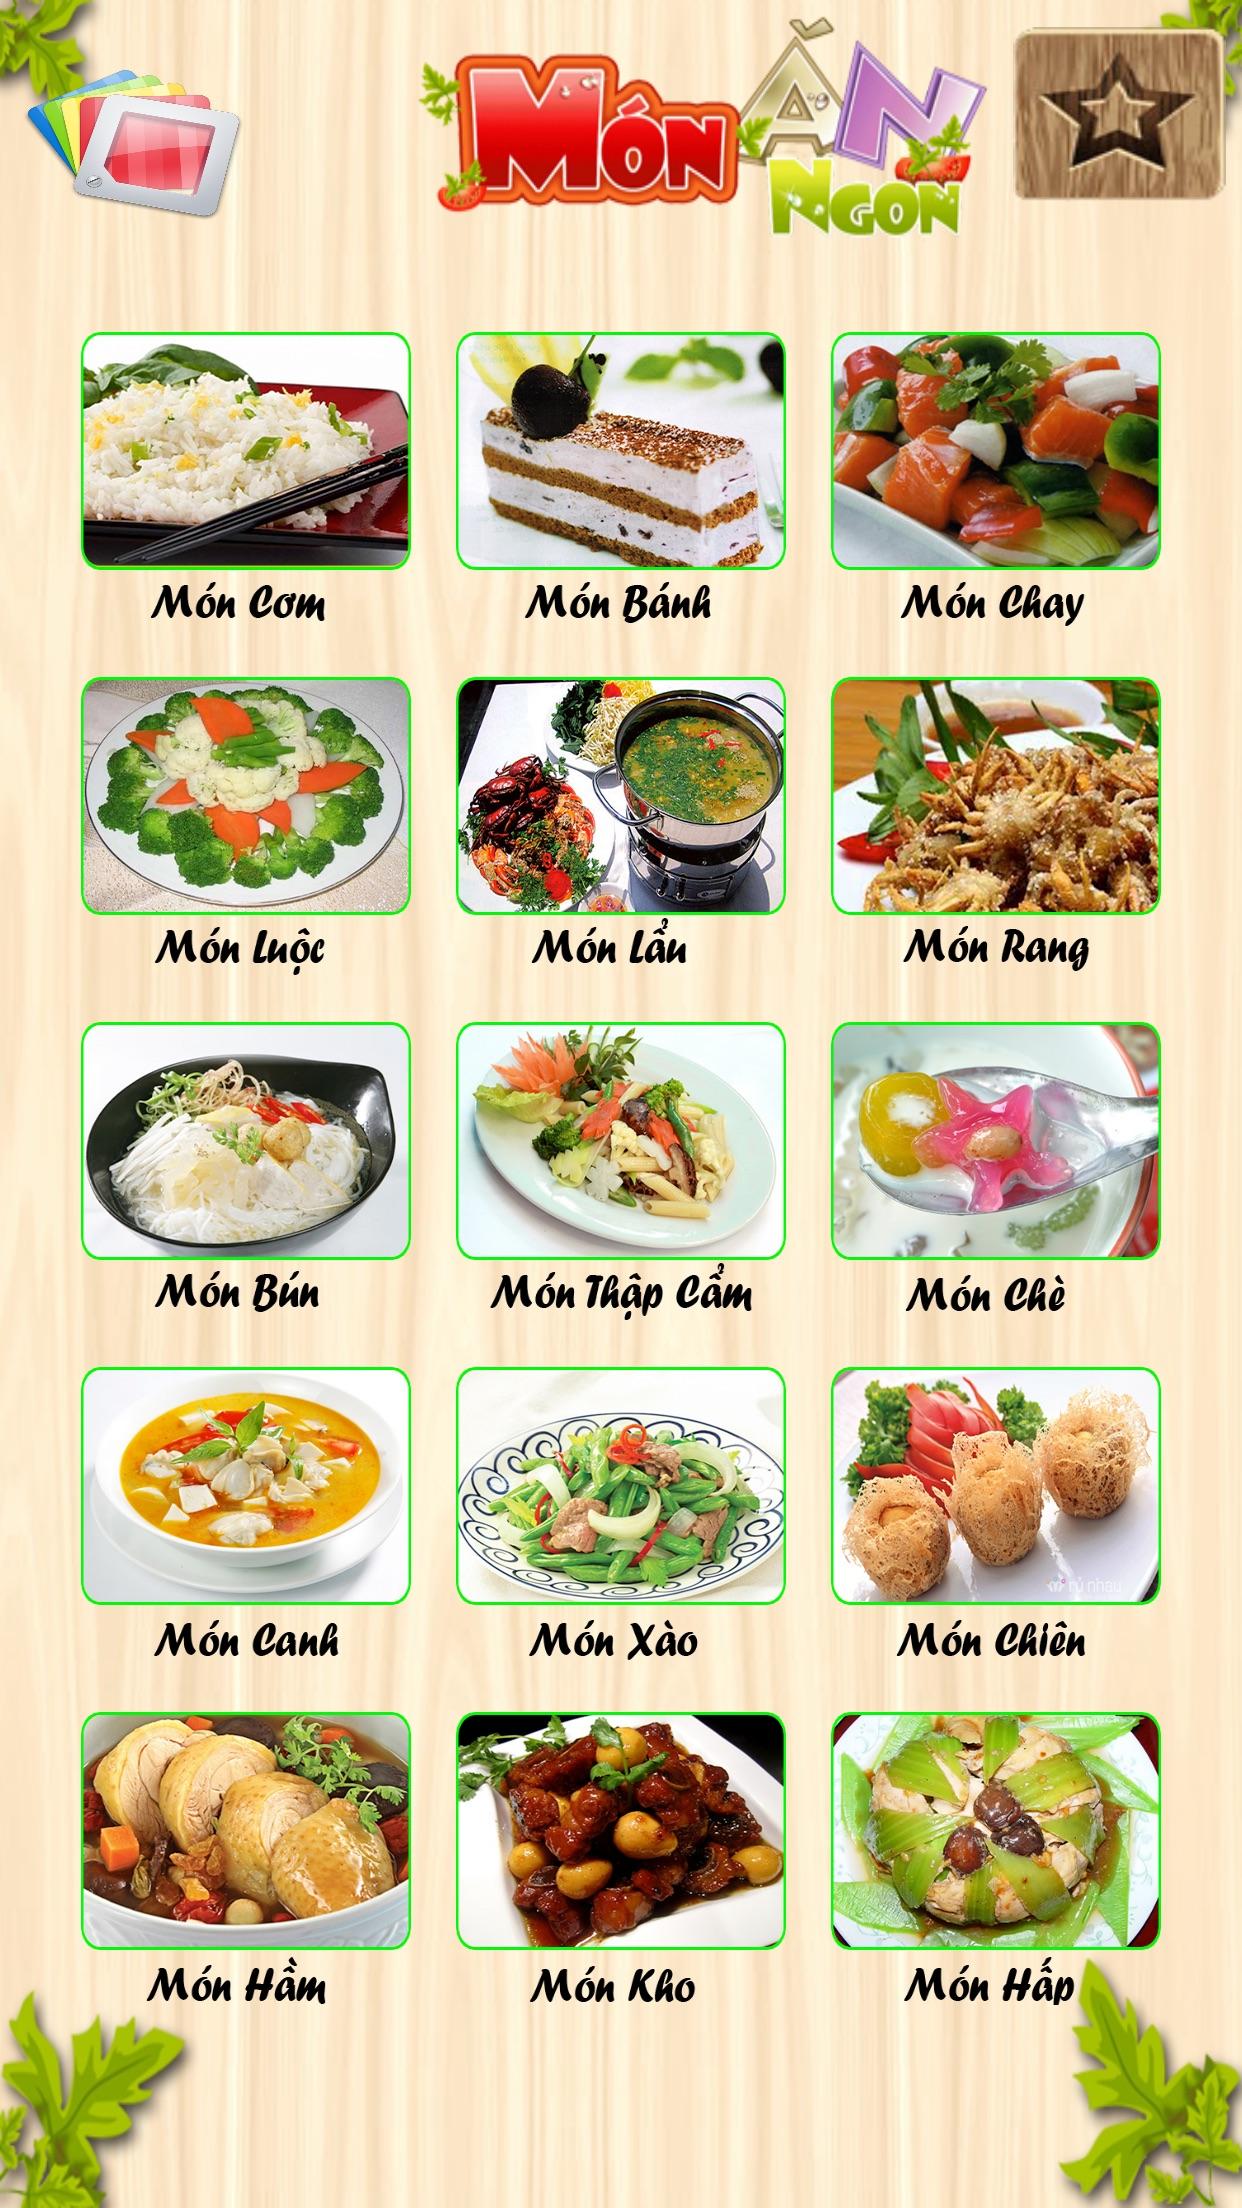 Bếp Việt 365 - Cẩm Nang Nội Trợ, Tinh Hoa Ẩm Thực Việt Nam, Bí Quyết Nấu Những Món Ăn Ngon Cho Gia Đình Bạn Screenshot